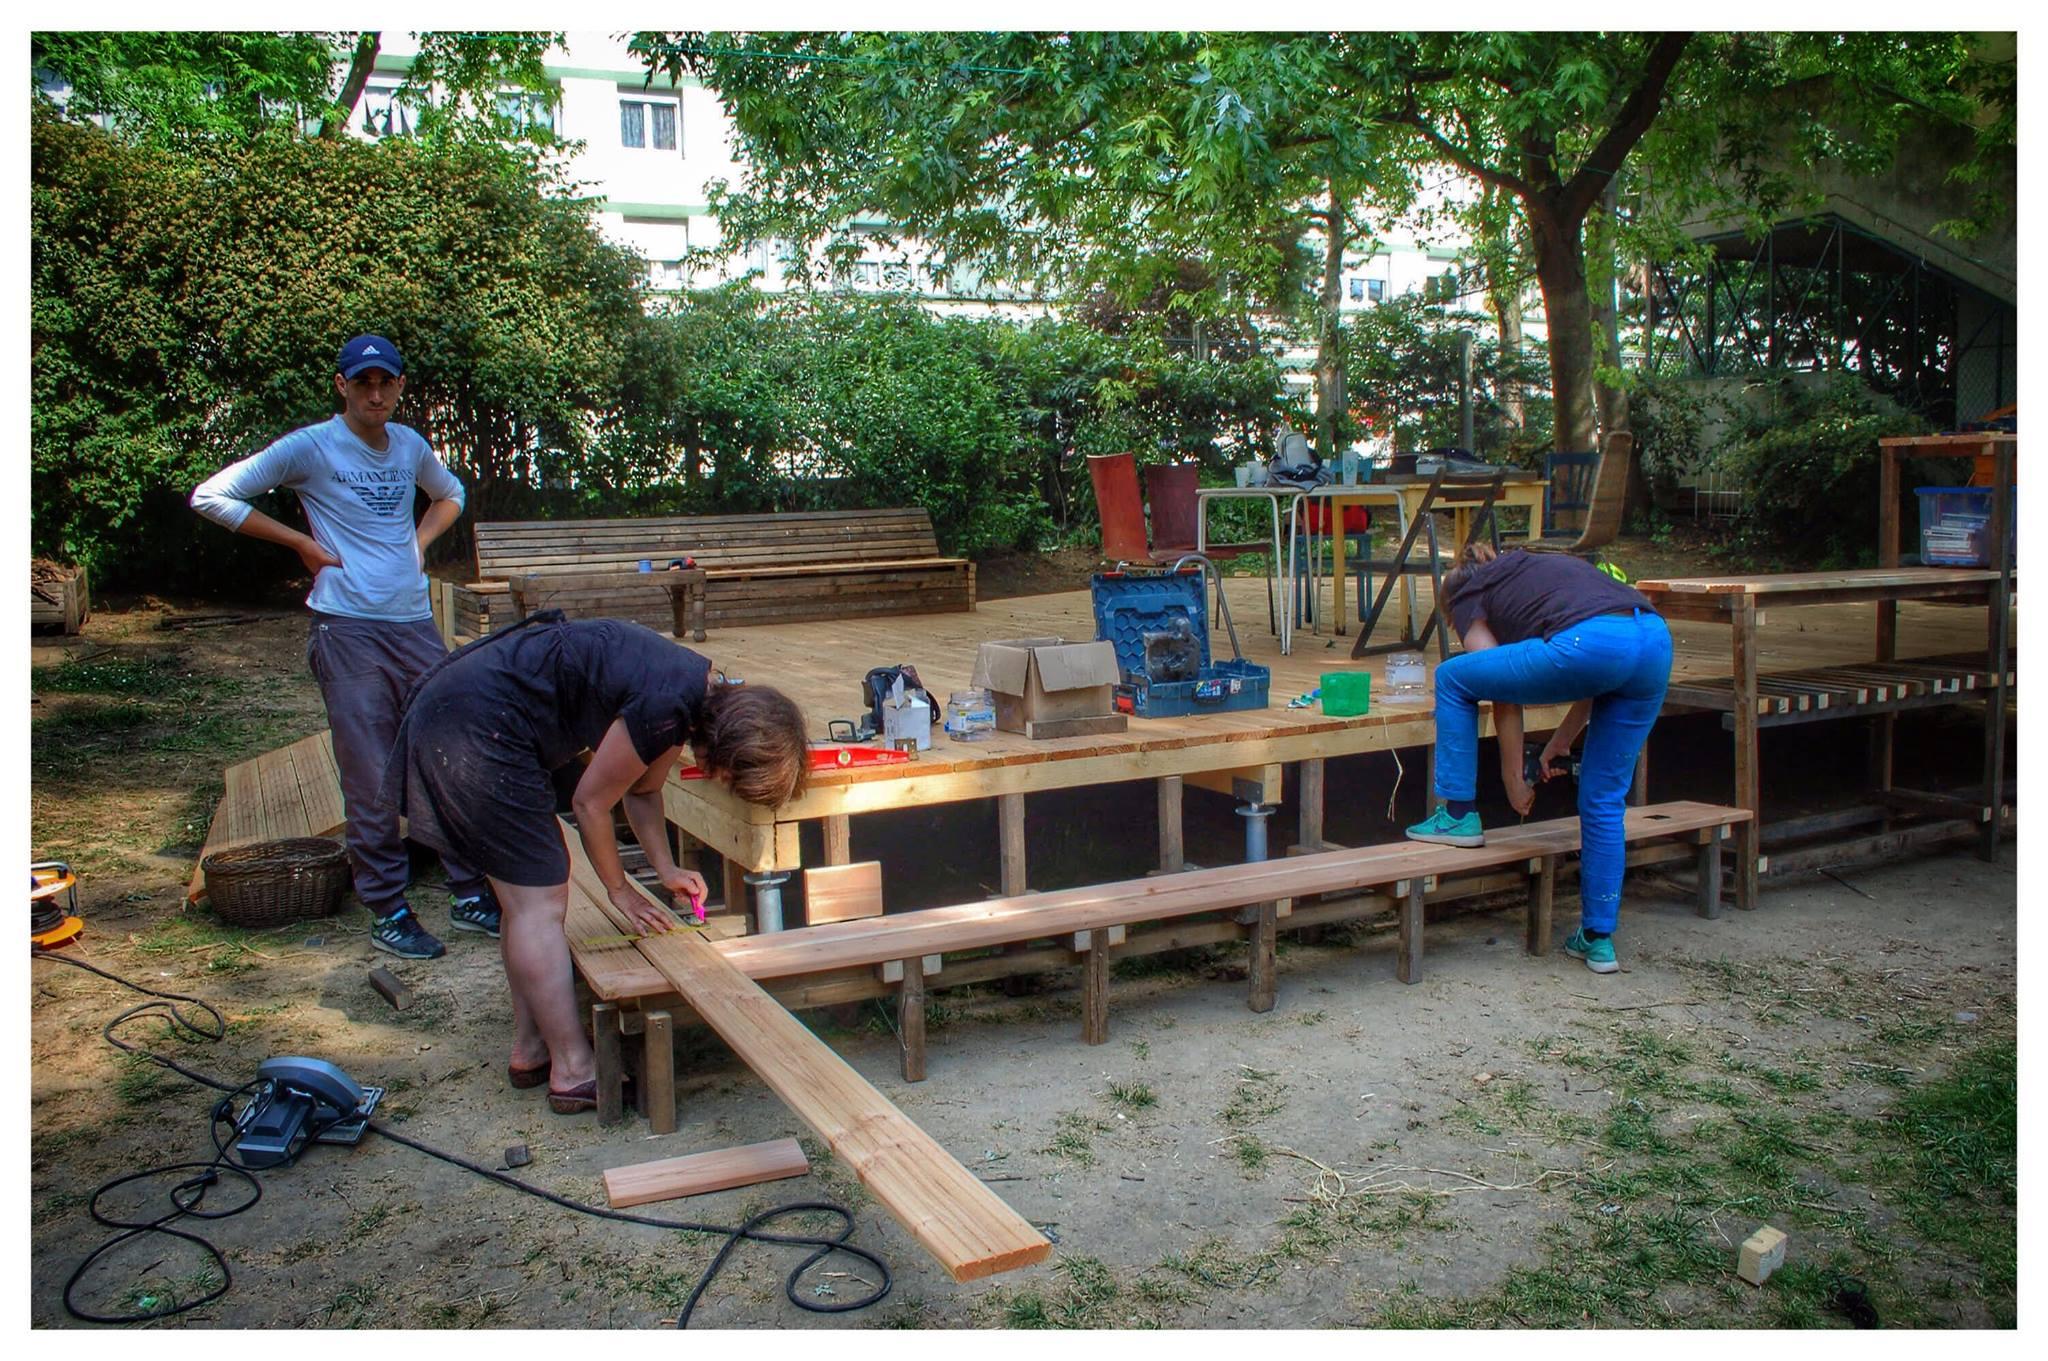 YA+K - yaplusk - Baleine Verte - chantier participatif à Paris 12ème (18)